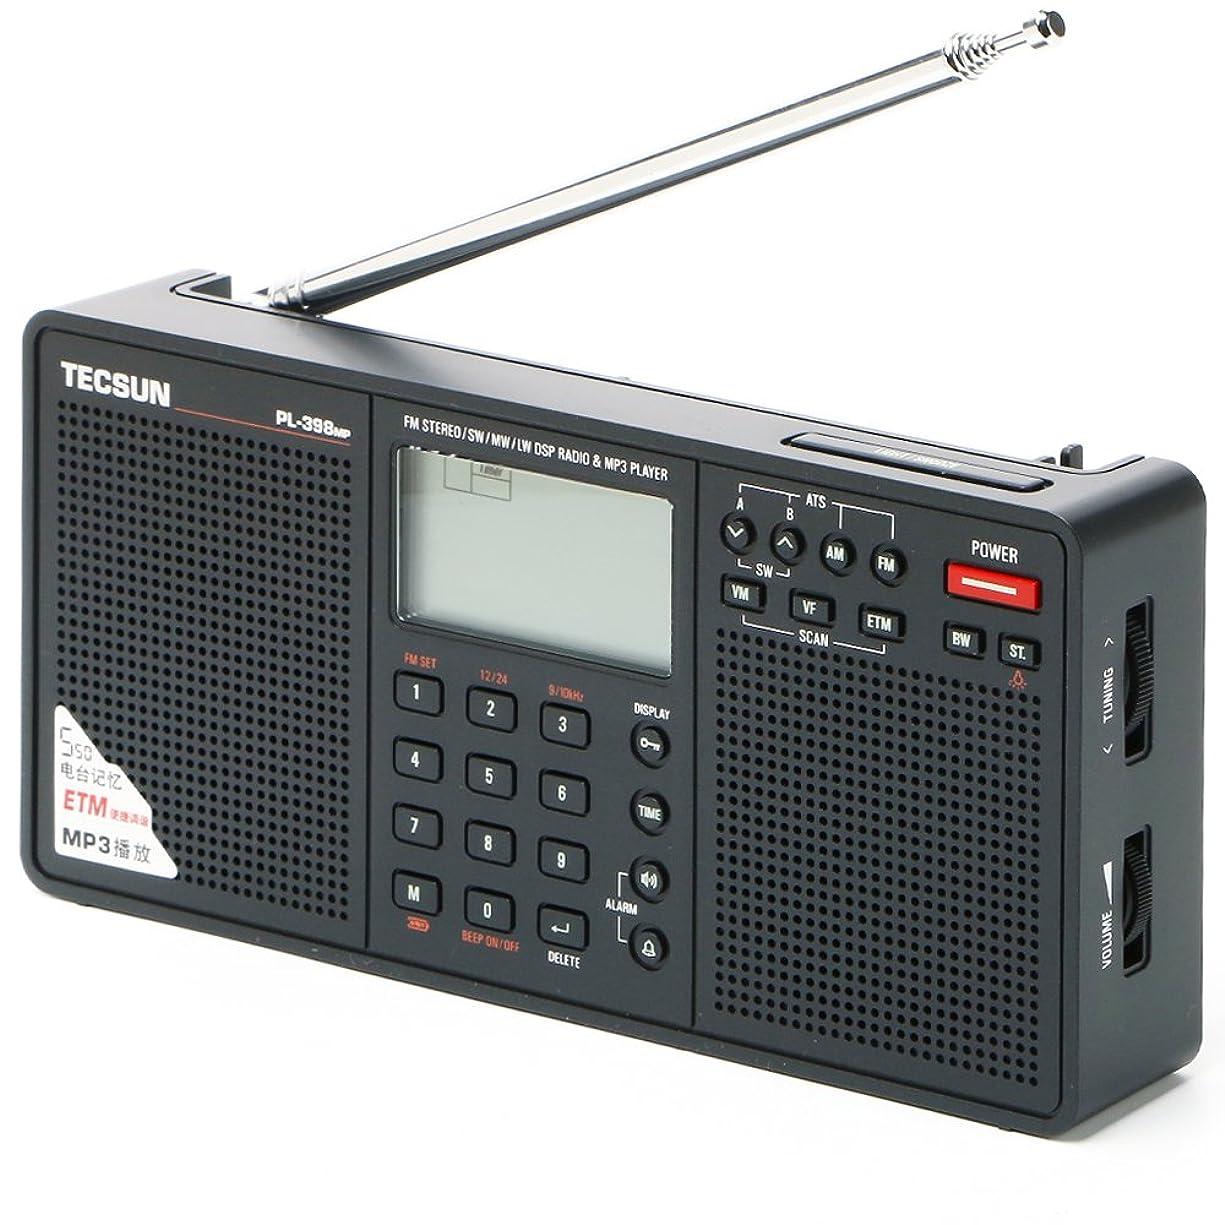 お手入れ引き受ける最近TECSUN PL-398MP デジタルDSP短波ラジオ 左右ステレオスピーカー SDカードスロット MP3再生 ポータブルBCL受信機 FMステレオ/LW/MW/SW ワールドバンドレシーバー 550局プリセットメモリー 外部オーディオ入力 USB給電 ATSオートプリセット スリープタイマー アラーム 高音質大口径スピーカー (ブラック)